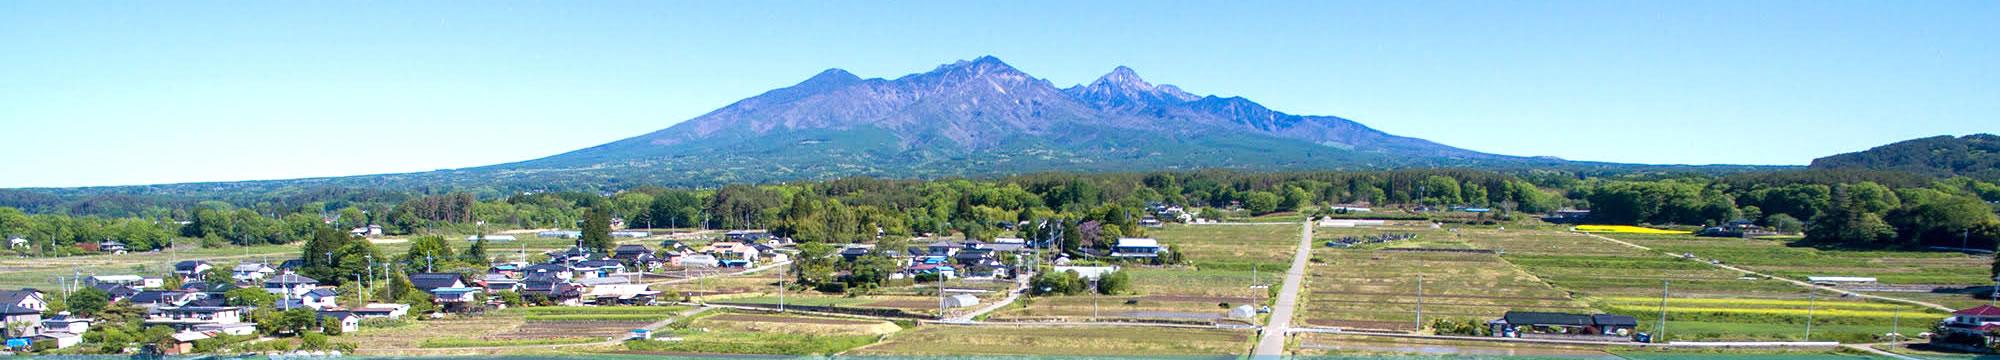 八ヶ岳の不動産、土地の情報提供サイト